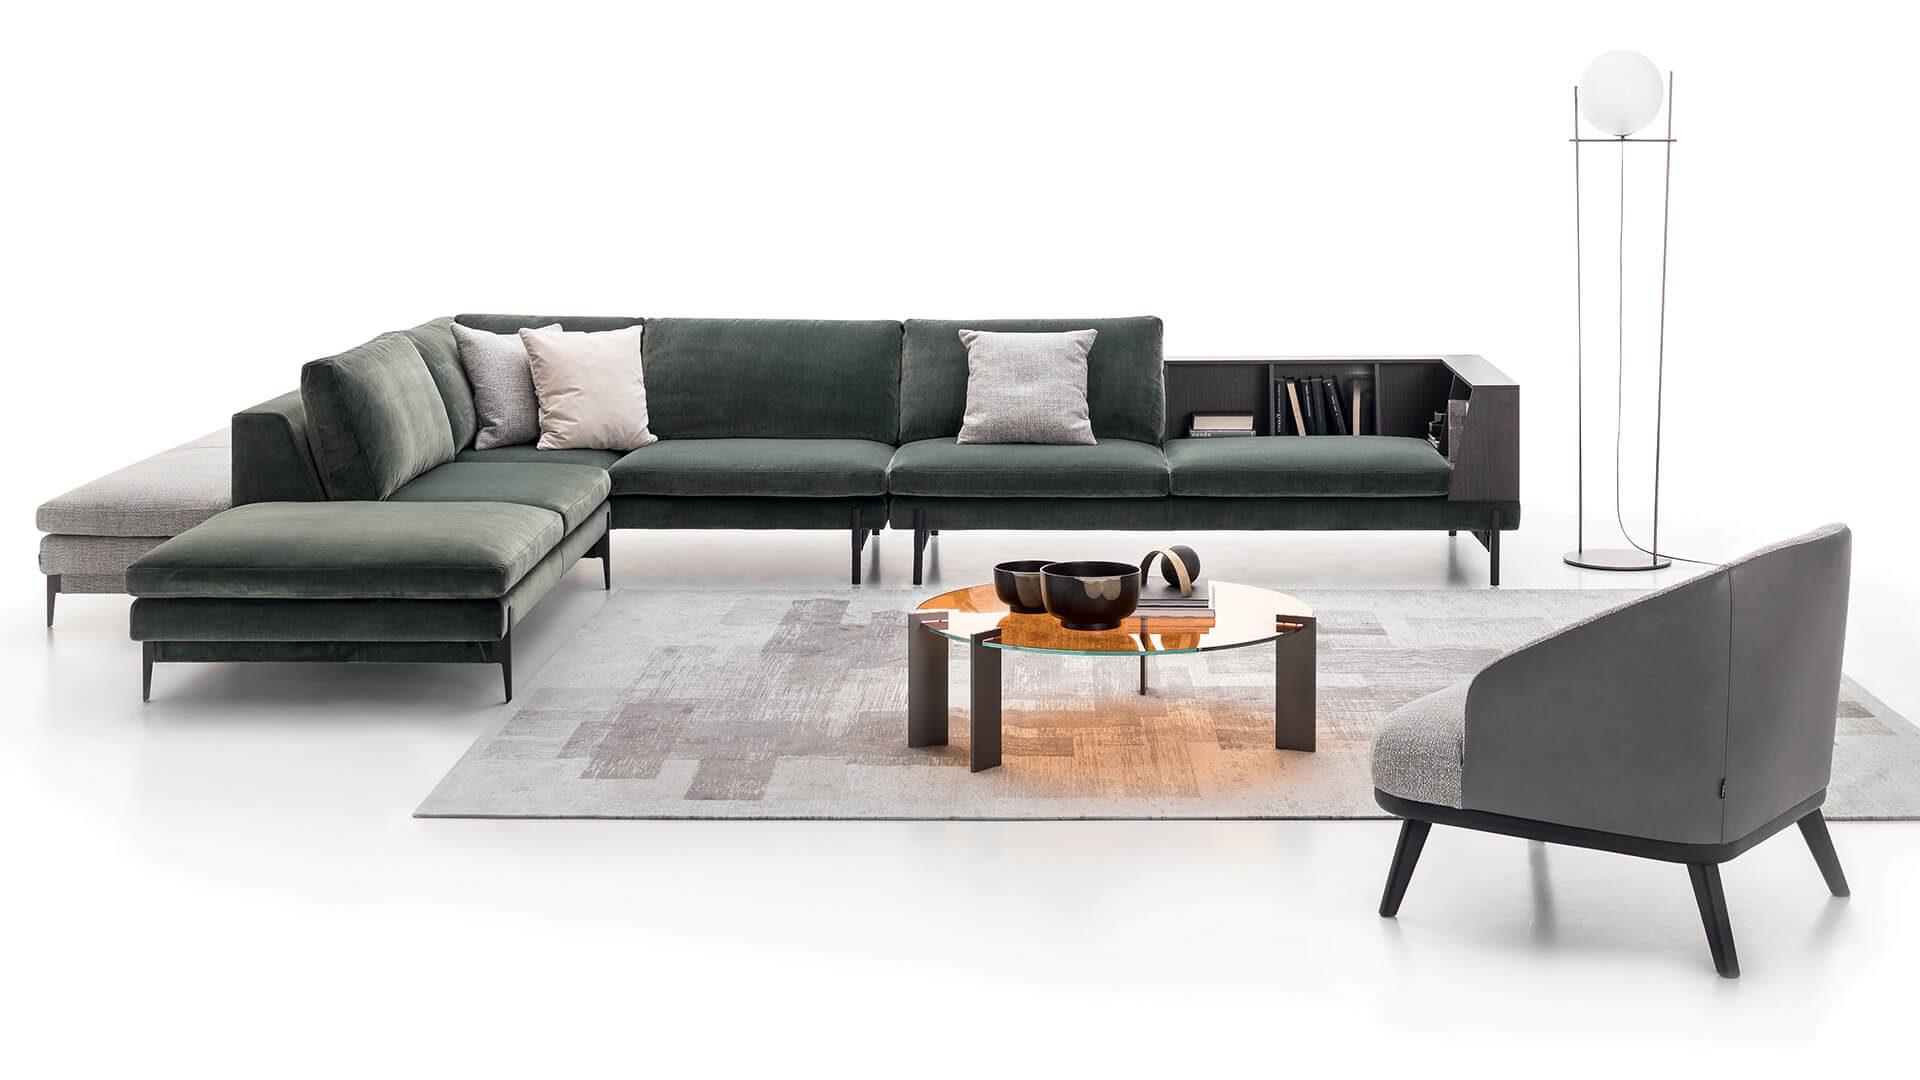 Awesome poltrone e sofa divani angolari ideas house - Poltronesofa letti contenitore ...